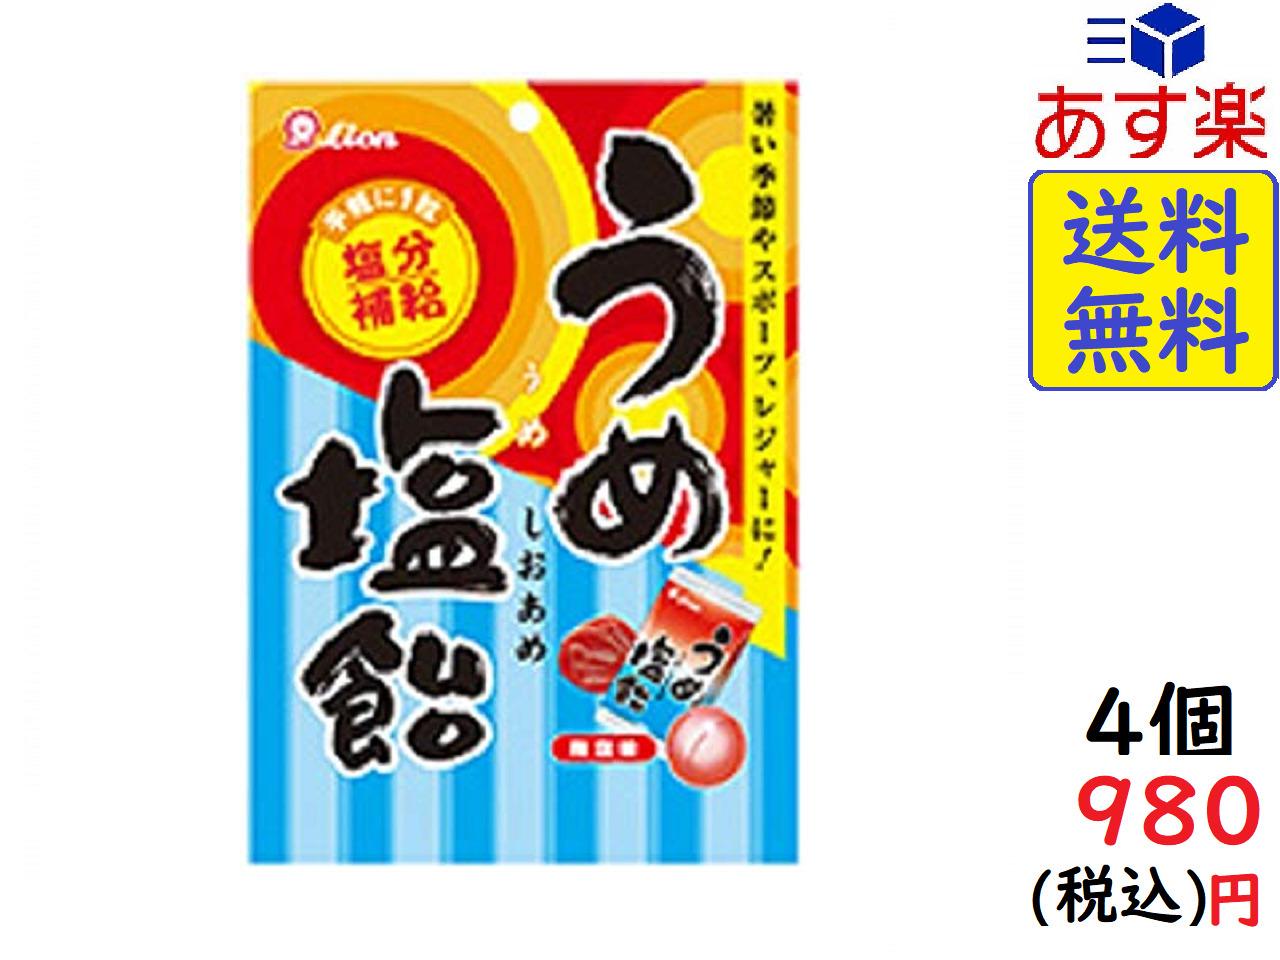 送料無料 あす楽対応 ポスト投函 ライオン菓子 賞味期限 うめ塩飴85g×4袋 メーカー公式 2022 05 お得セット